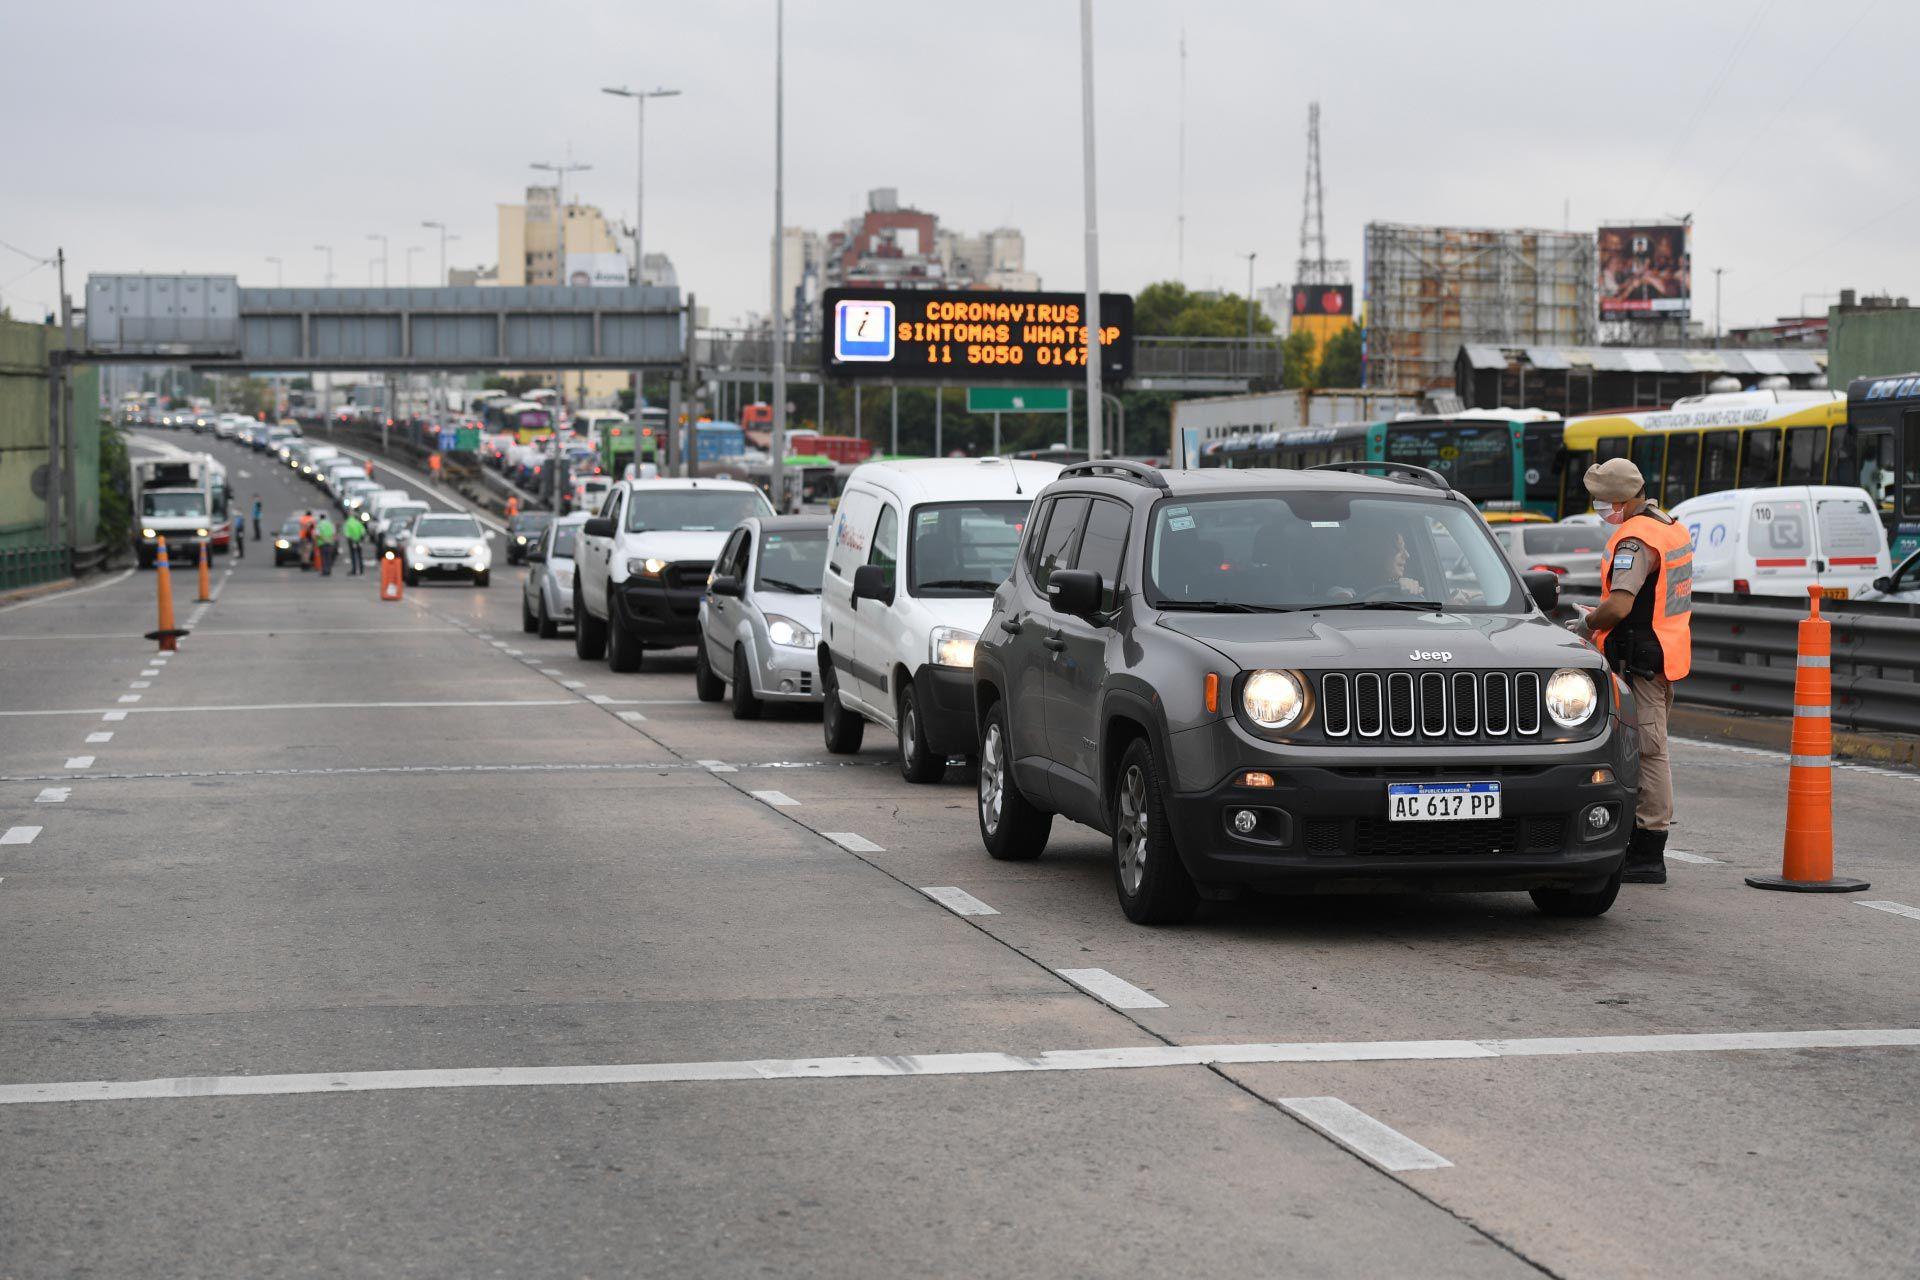 Controles circulacion en Cuarentena puente pueyrredon